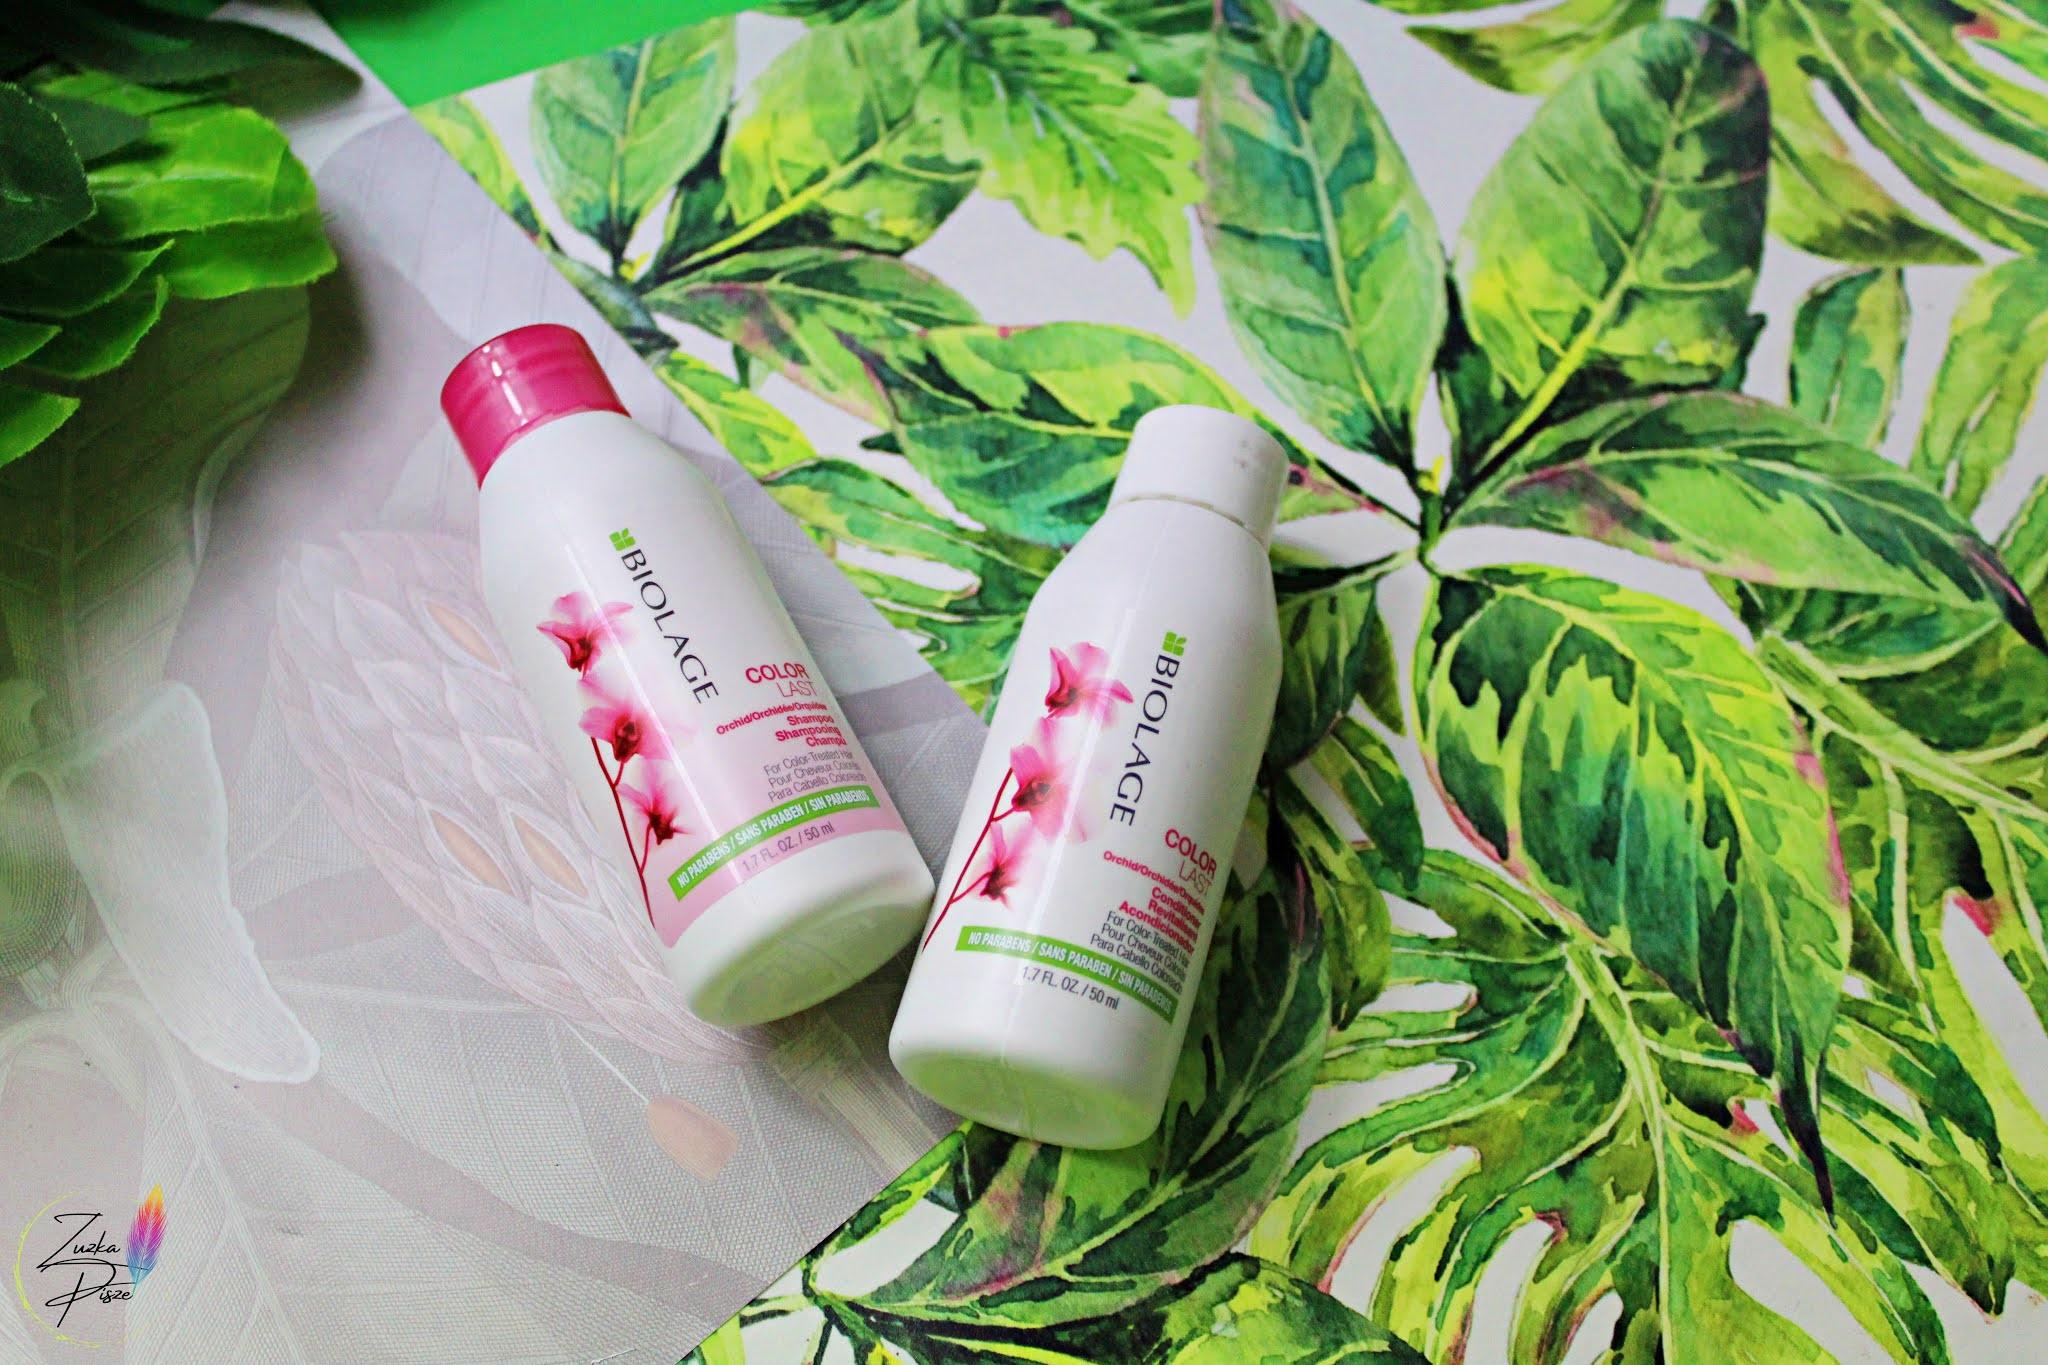 BIOLAGE Colorlast odżywka i szampon do włosów farbowanych